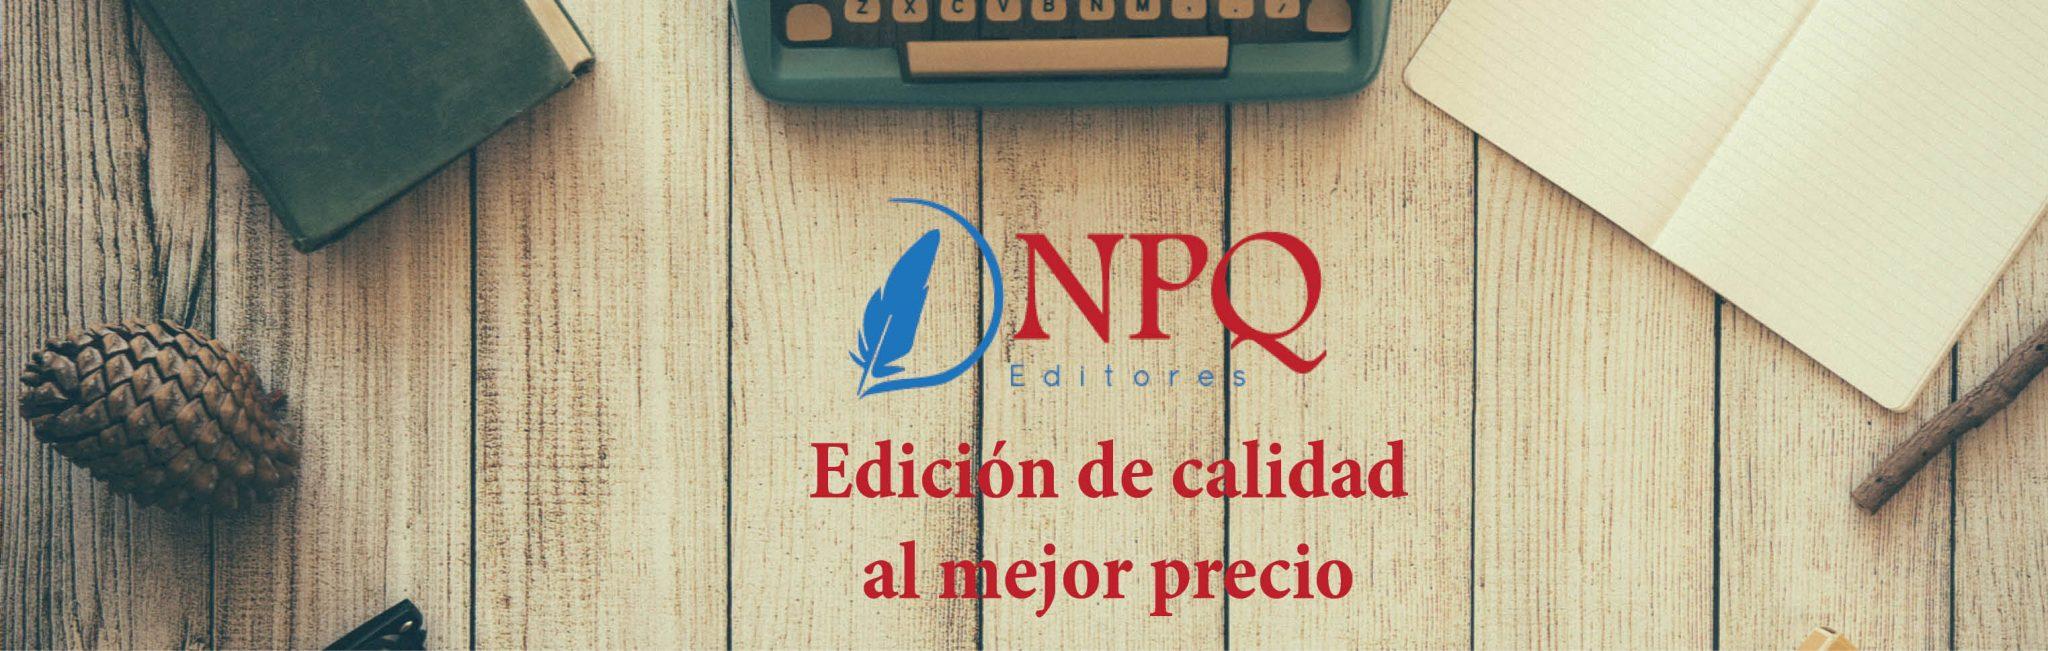 cabecera npq